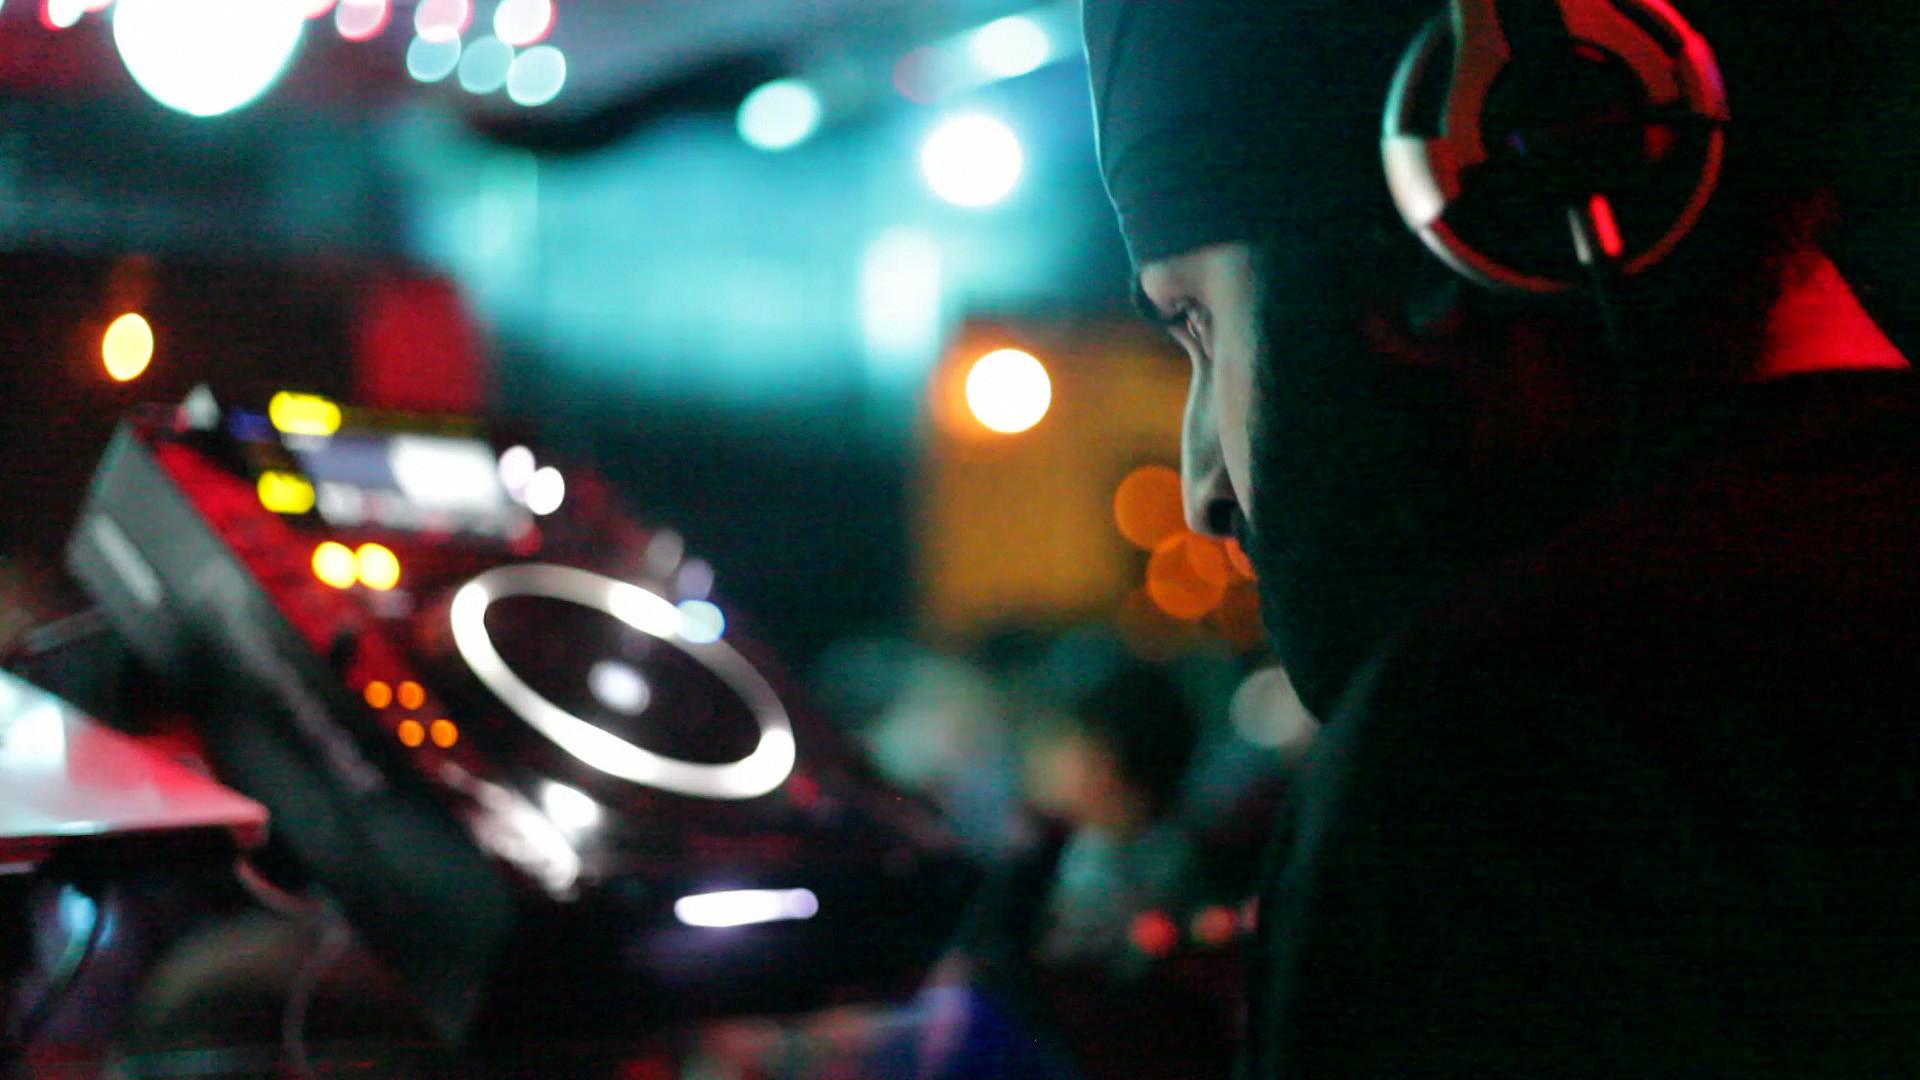 DJ Night Club HD Wallpaper